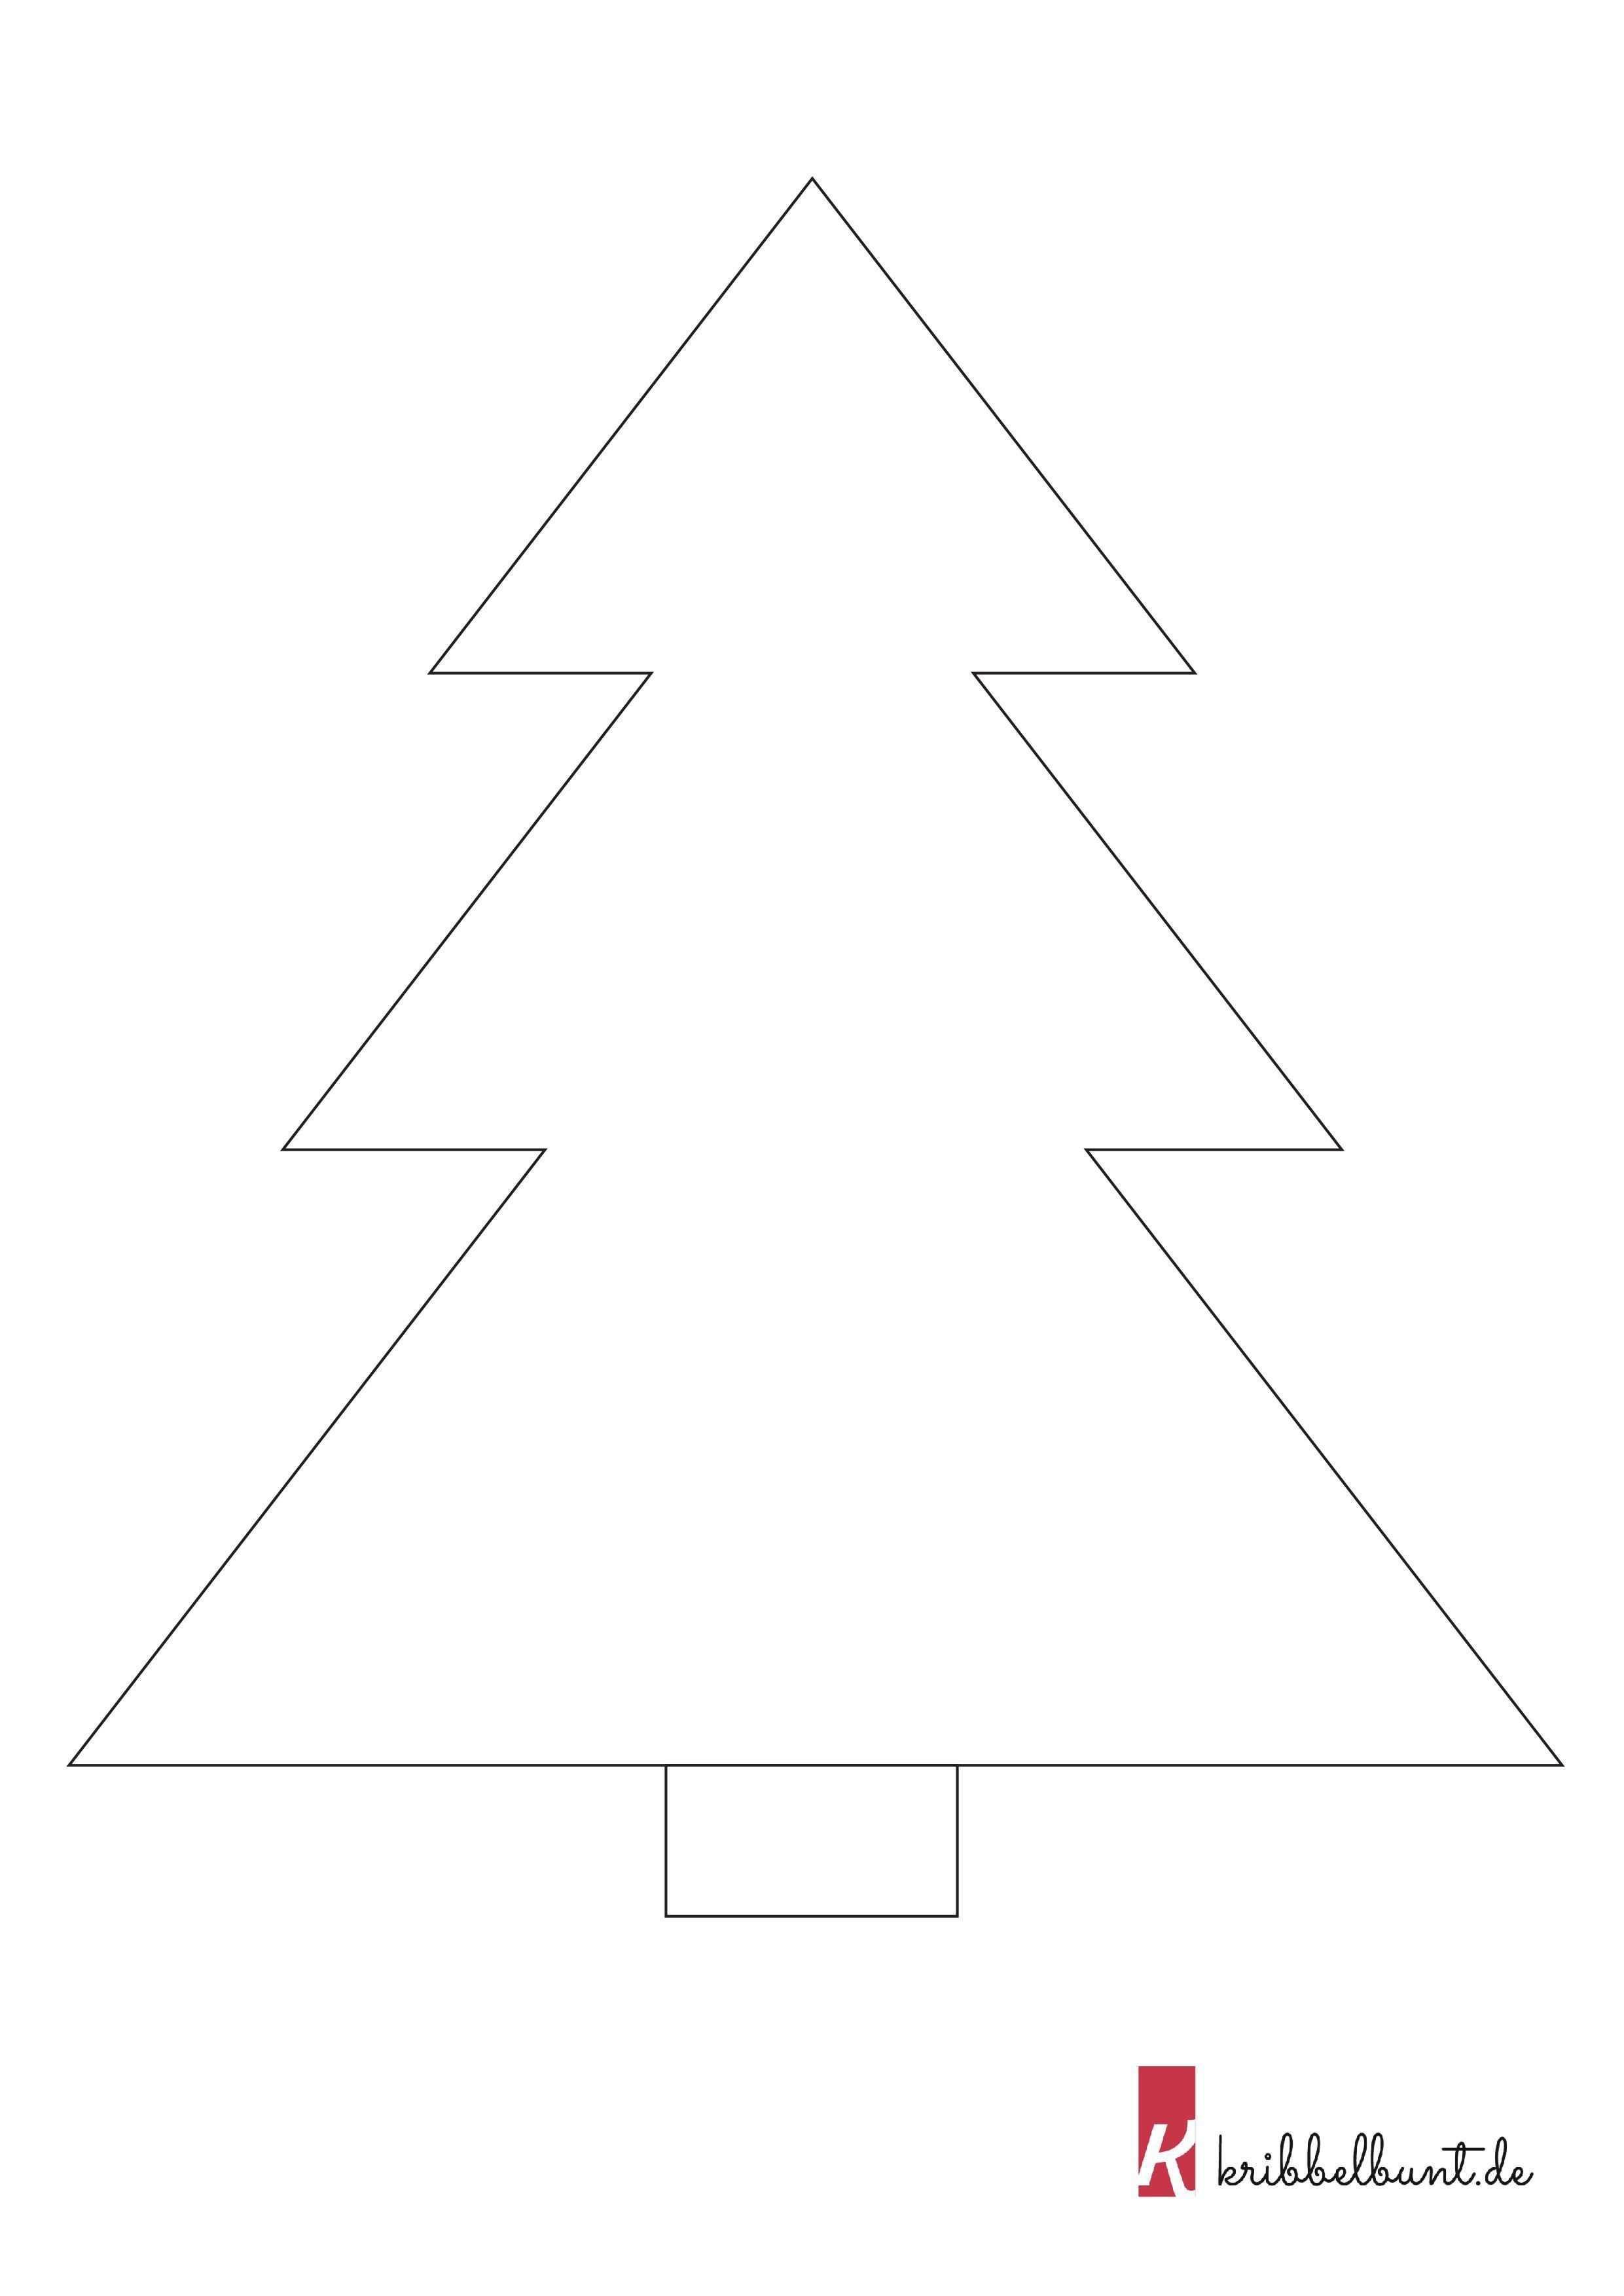 Tannenbaum Vorlage 1 Tannenbaum Vorlage Bastelvorlagen Zum Ausdrucken Baum Schablone